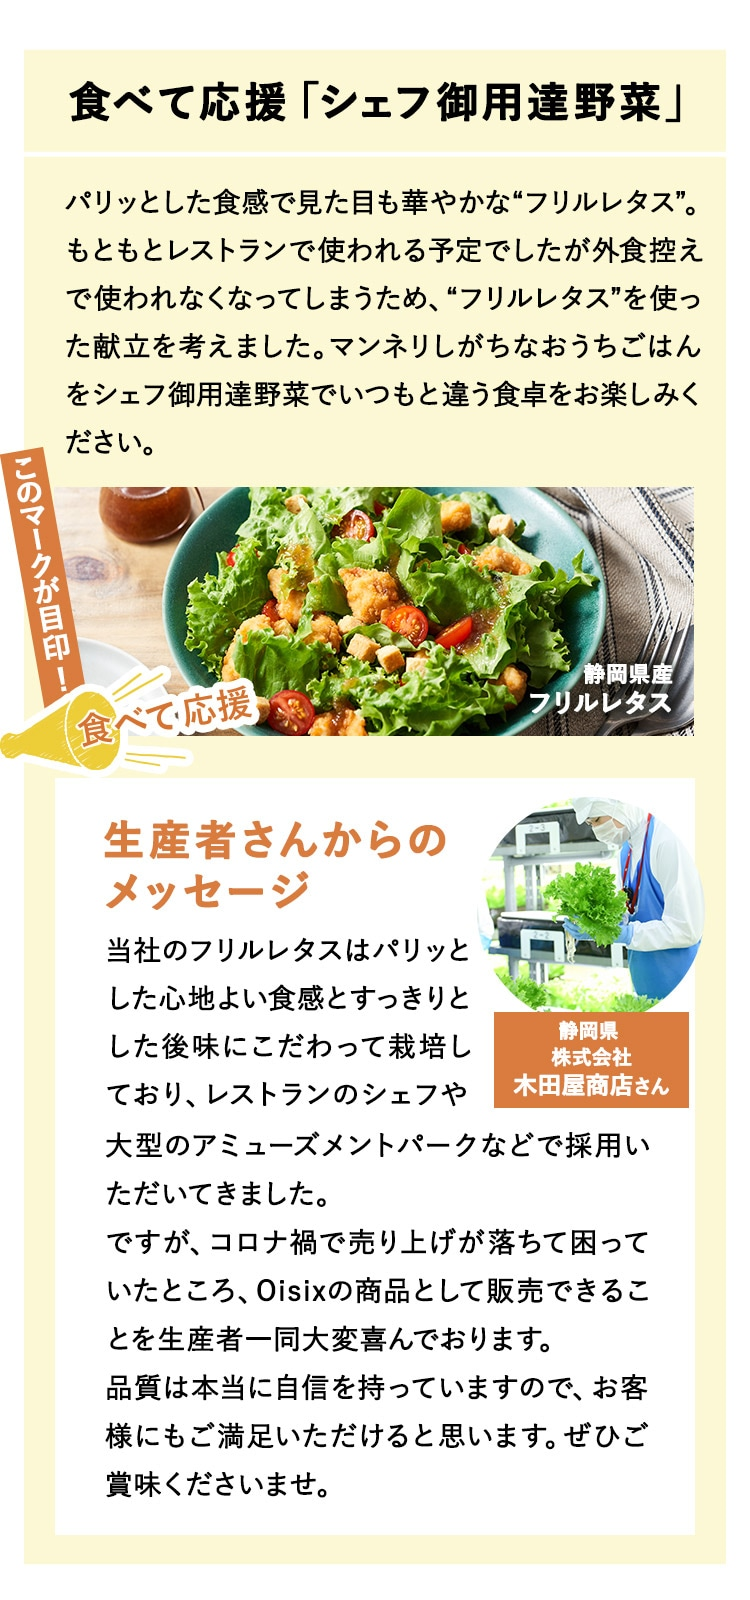 """レストランへお届けするはずだった野菜をおいしく食べて応援/食べて応援""""シェフ専用野菜"""""""